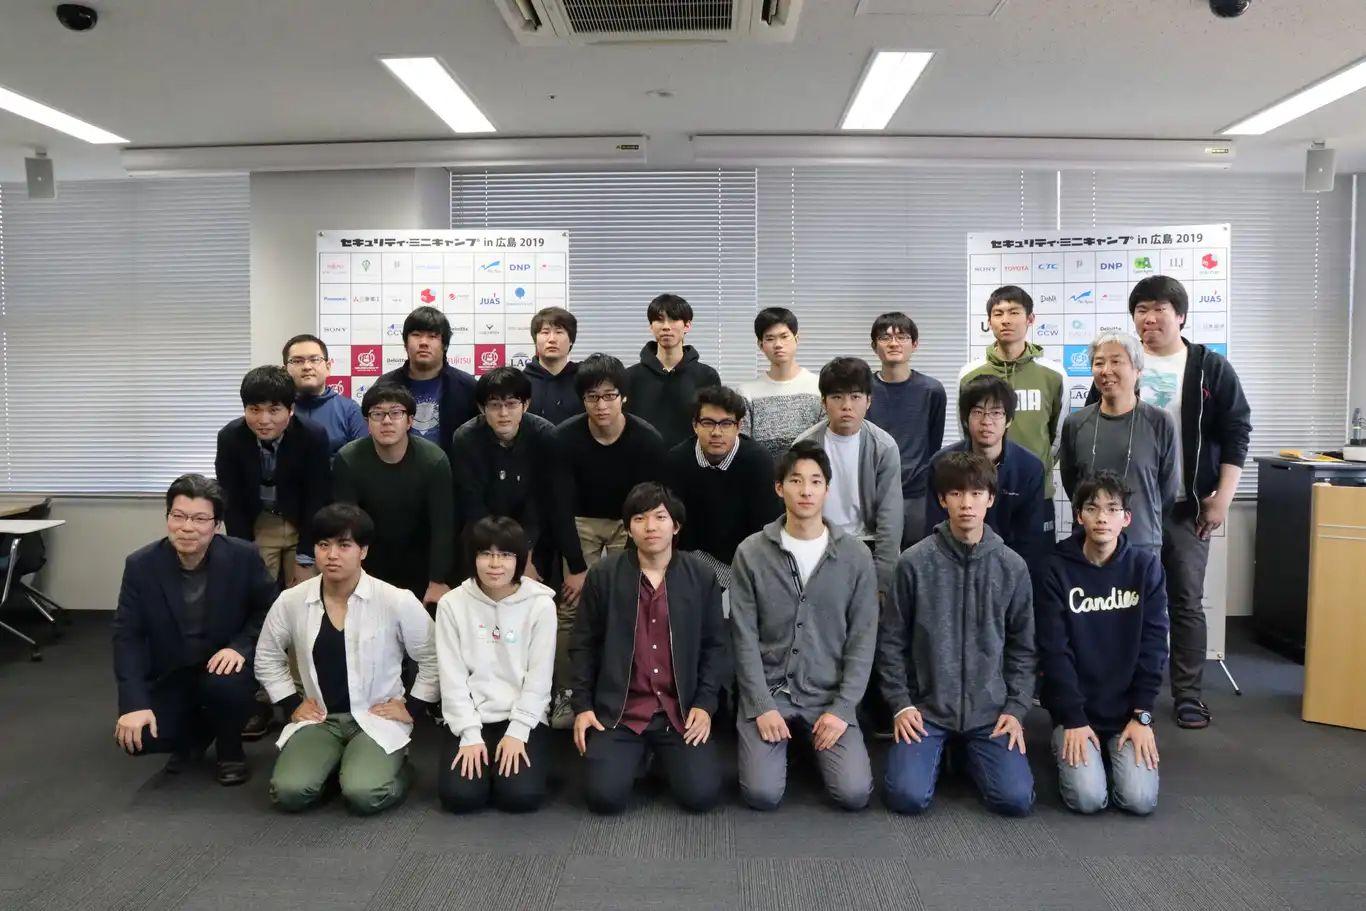 セキュリティ・ミニキャンプ in 広島 2019 を開催しました